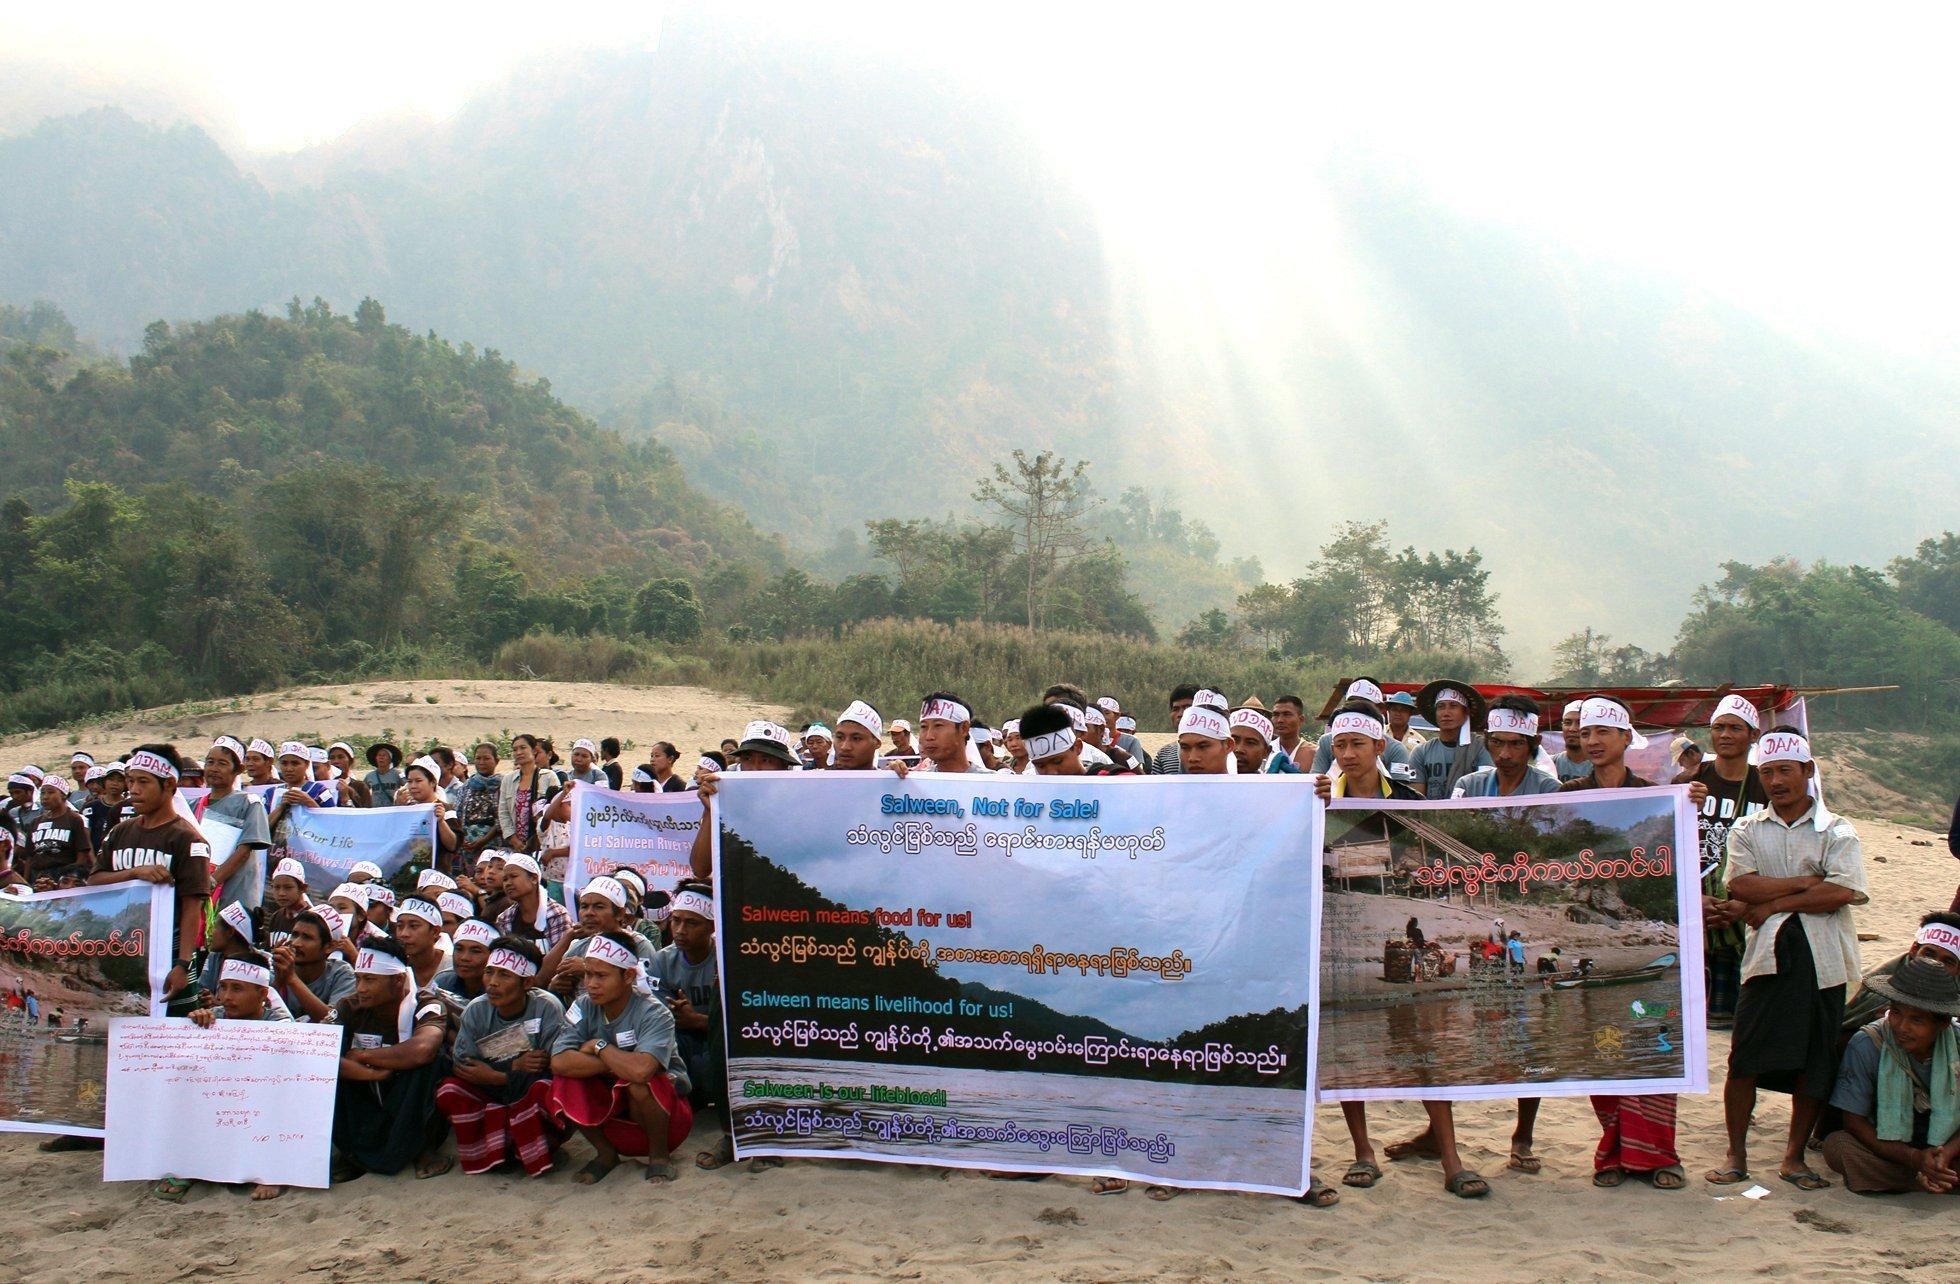 Menschen mit weißen Protest-Bändern auf der Stirn und Plakaten am Flussufer.